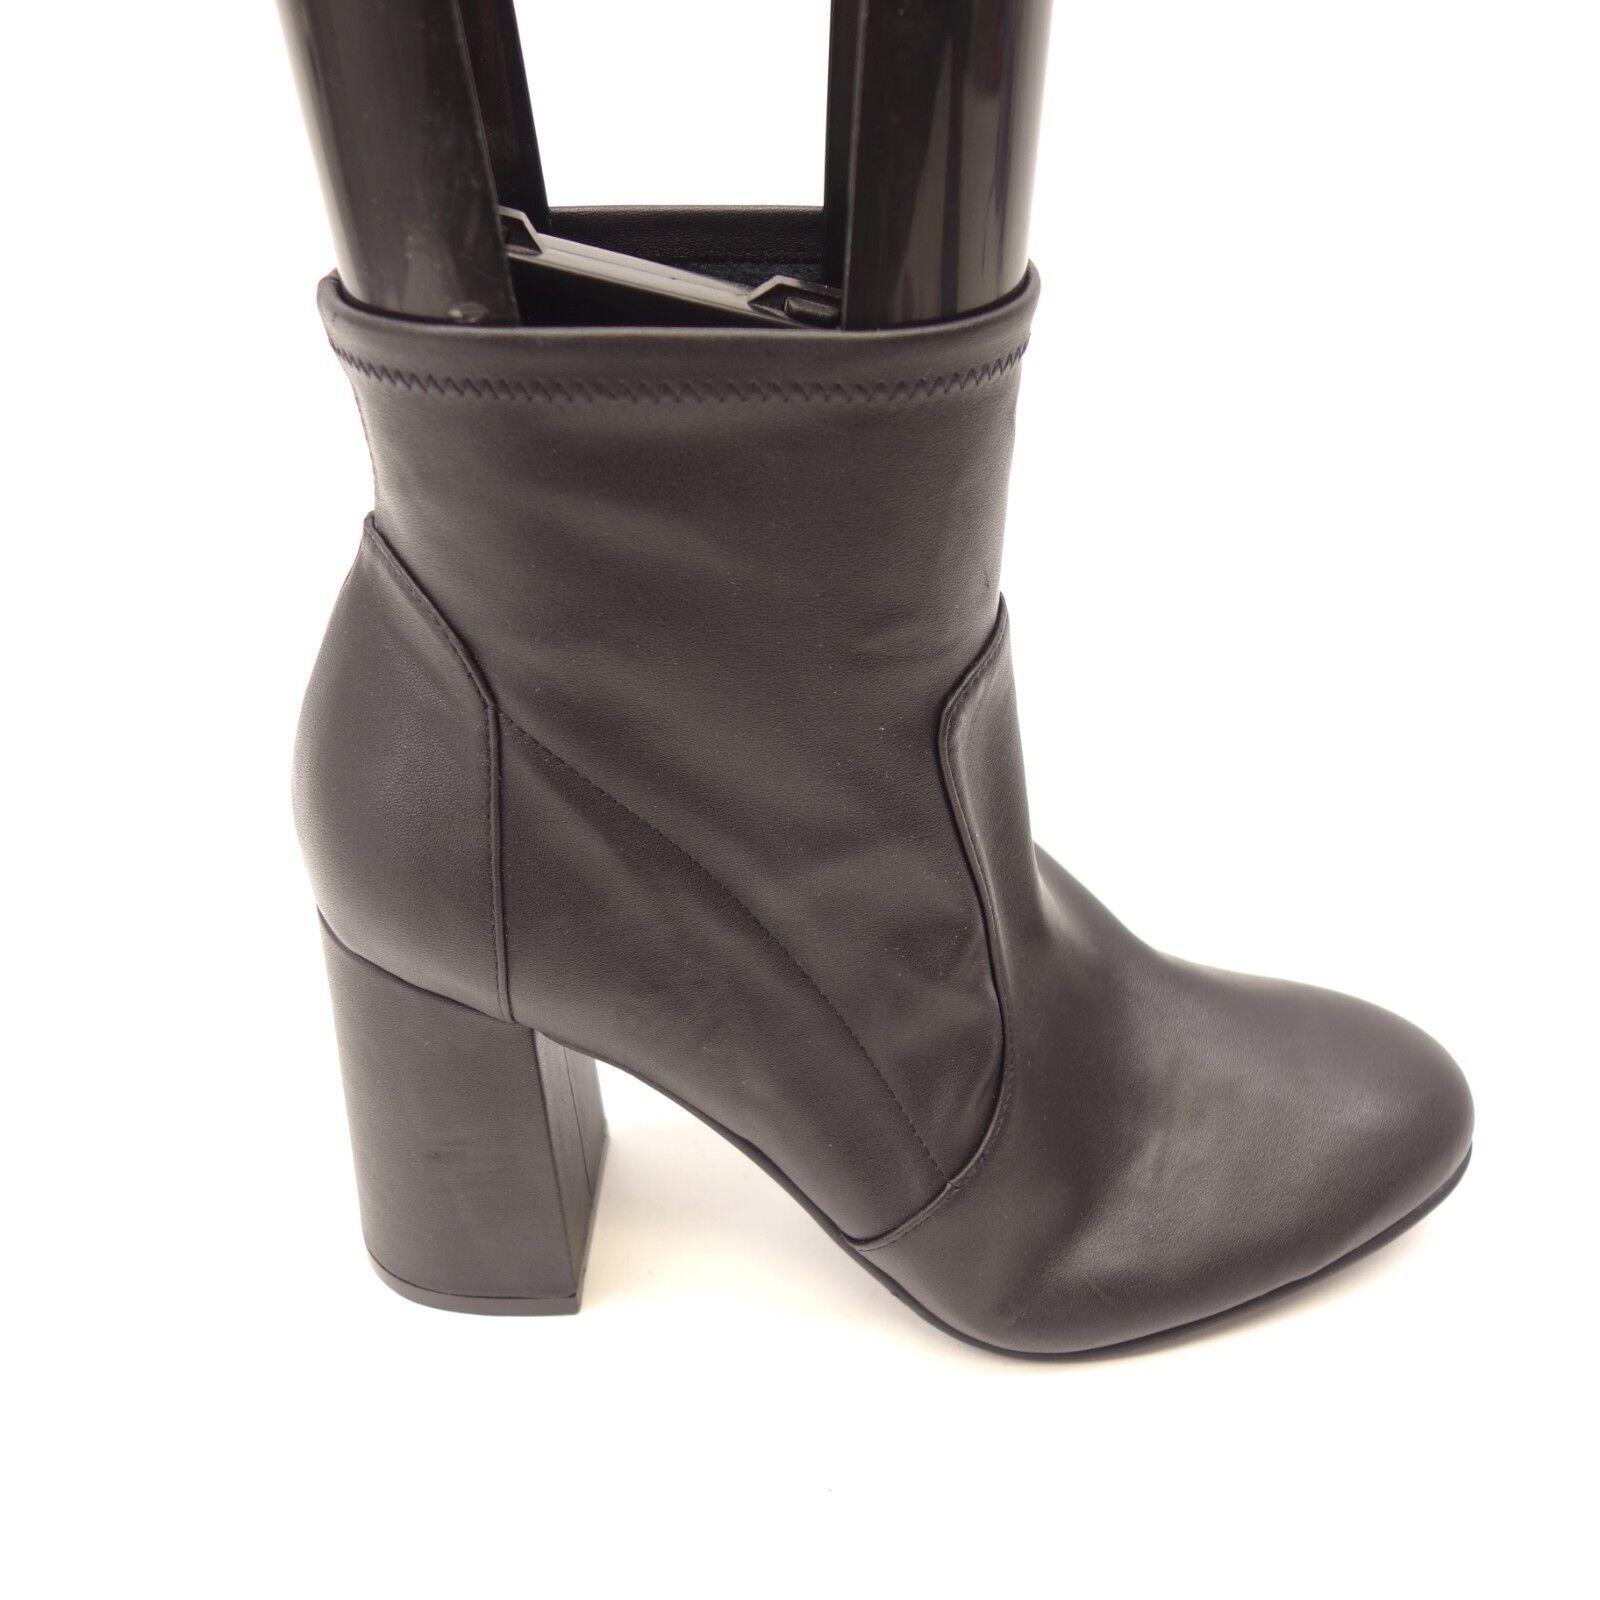 prezzo più economico New Abound donna Izzie nero Faux Leather Pull-On Block Block Block Heel stivali Dimensione 7.5  prezzi bassissimi